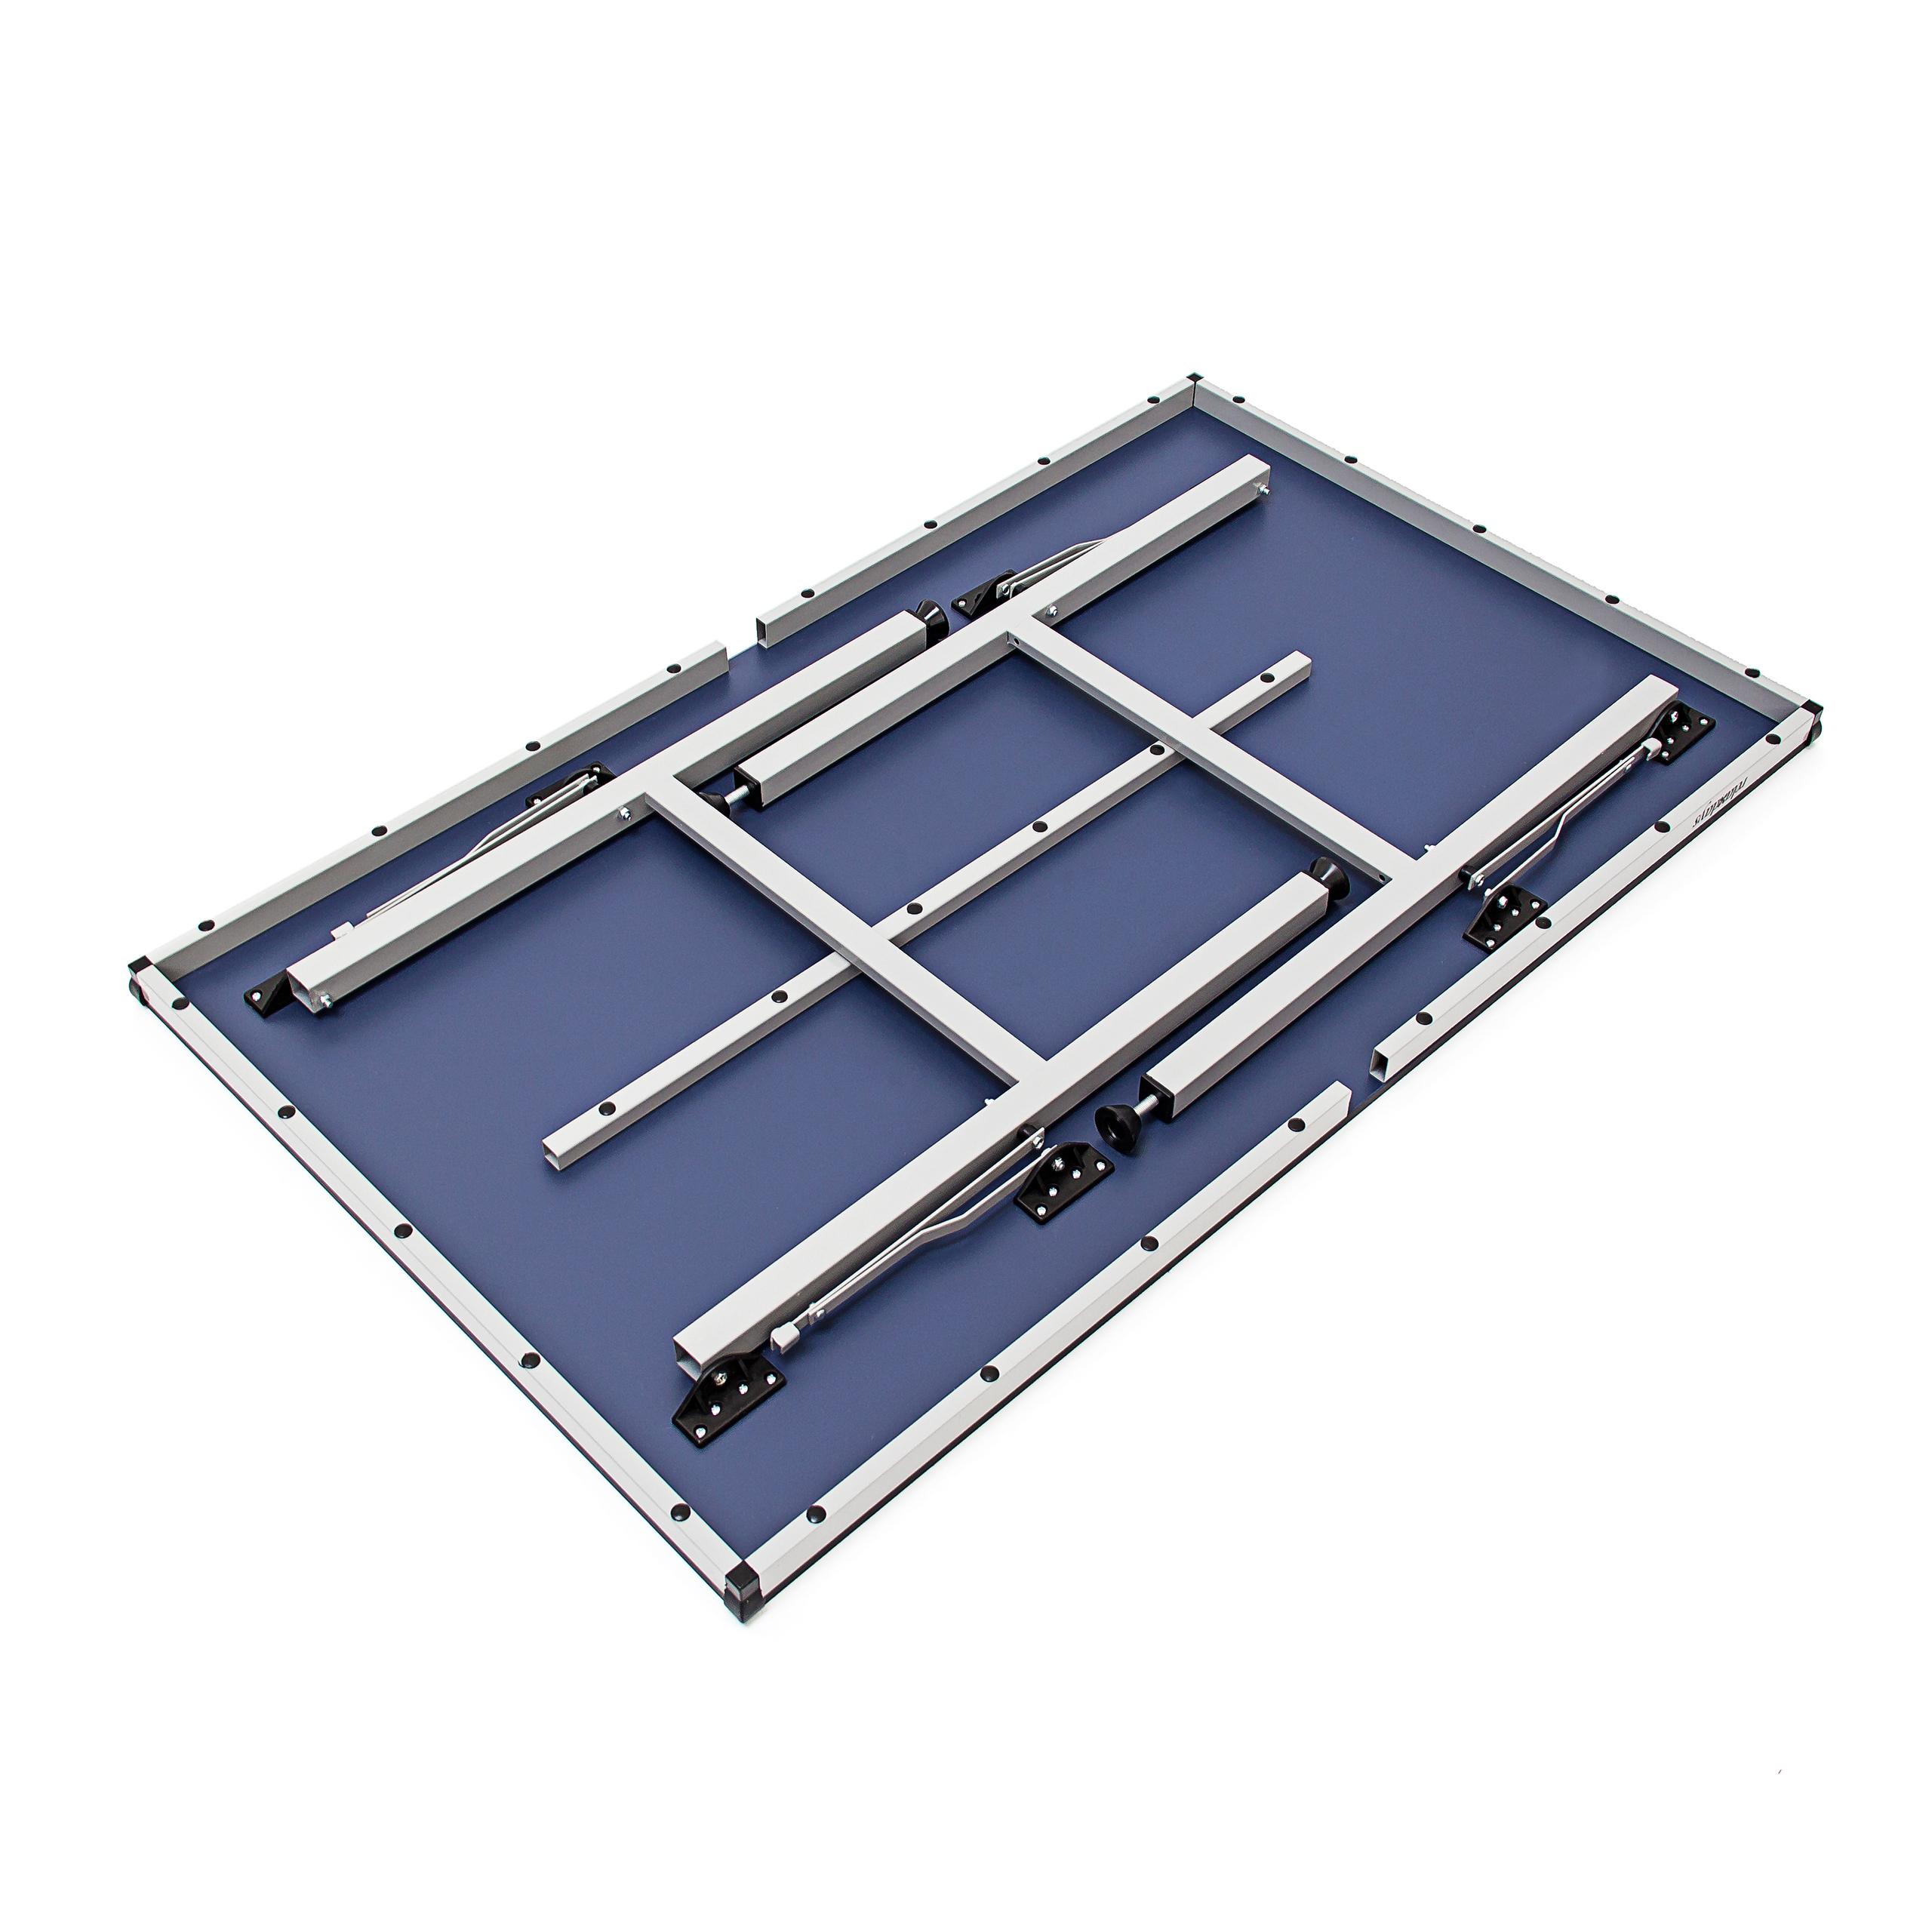 3 tlg tlg tlg Tischtennis Set XL, Schlägerset 2 Sterne, Tischtennisplatte, Zählgerät fe4426